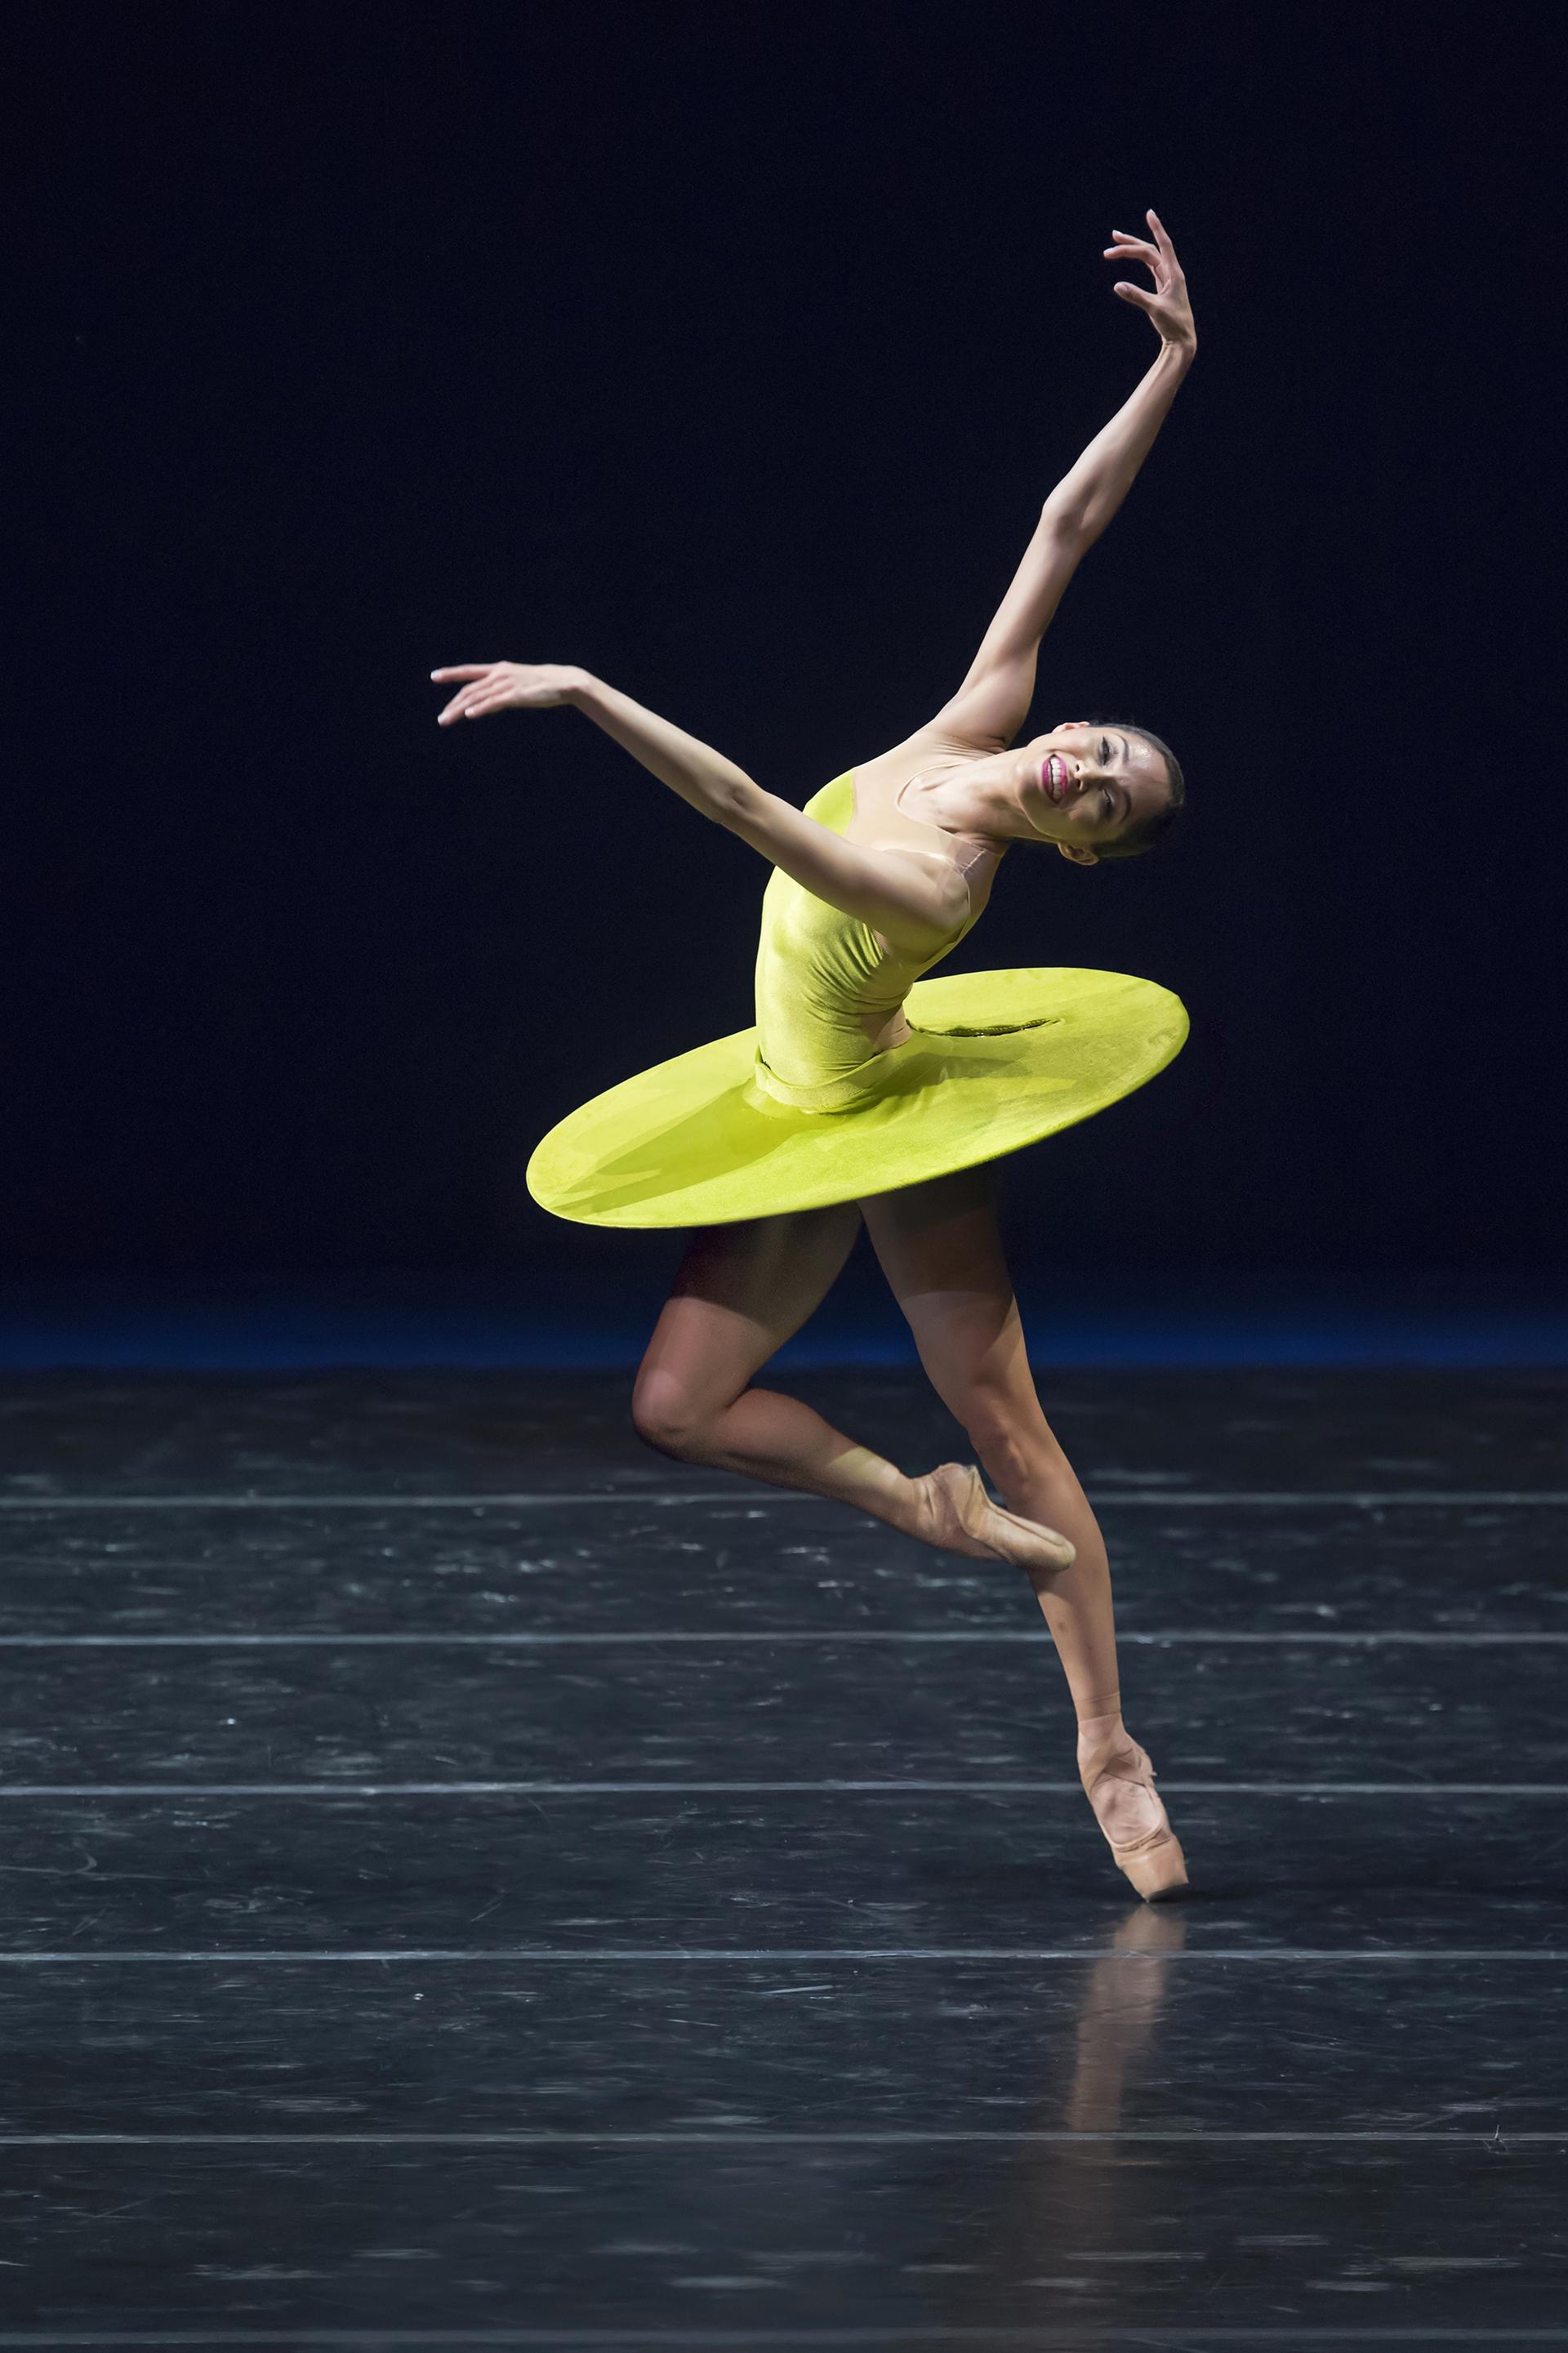 Compania Nacional De Danza11